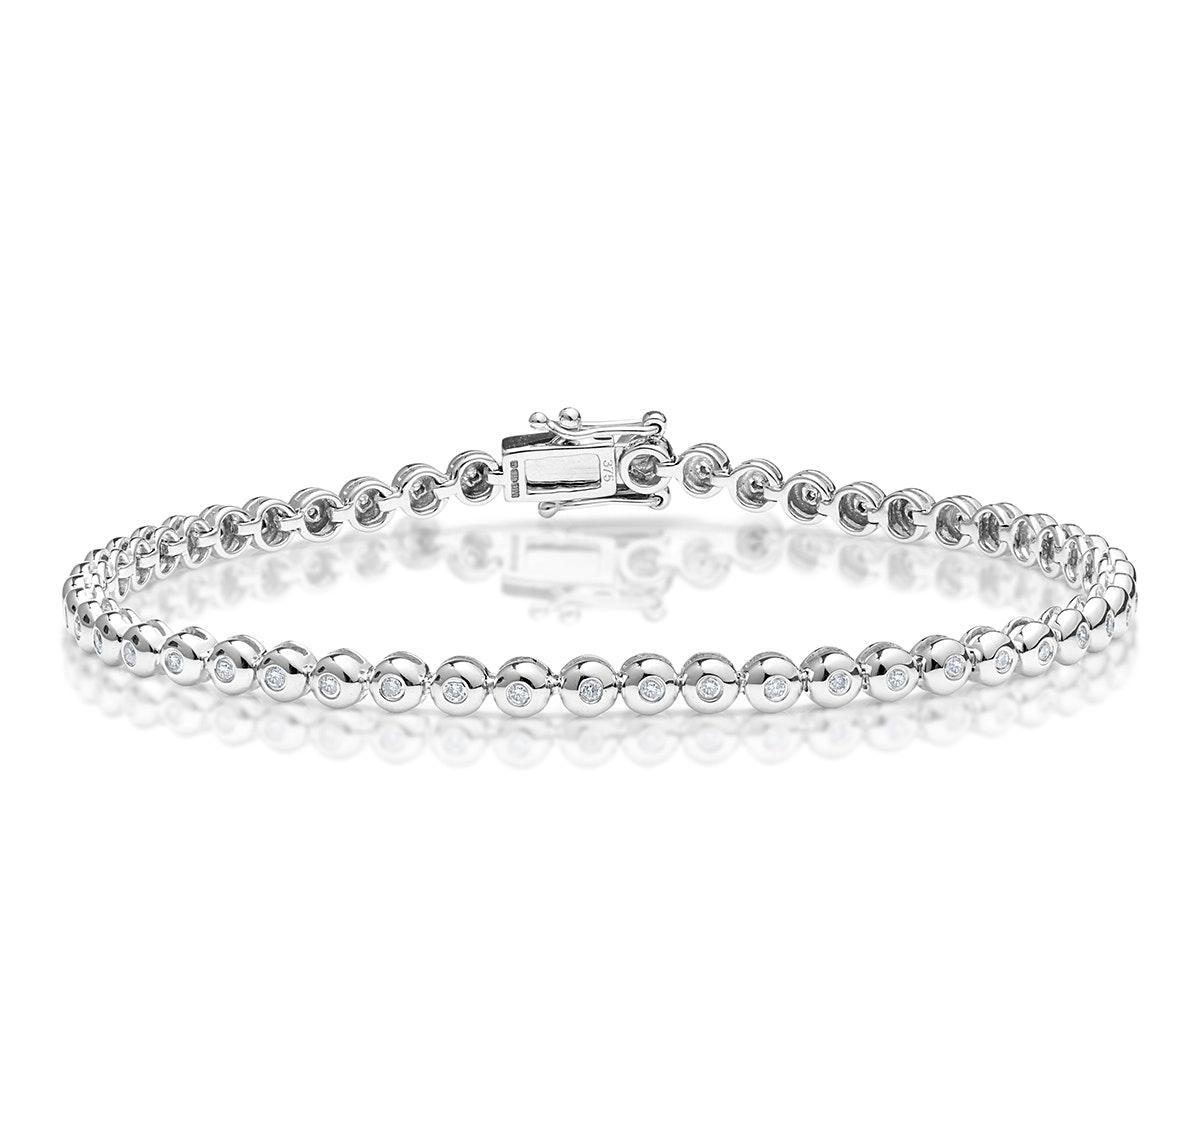 Diamond Tennis Bracelet Rubover Style 0.50ct 9K White Gold